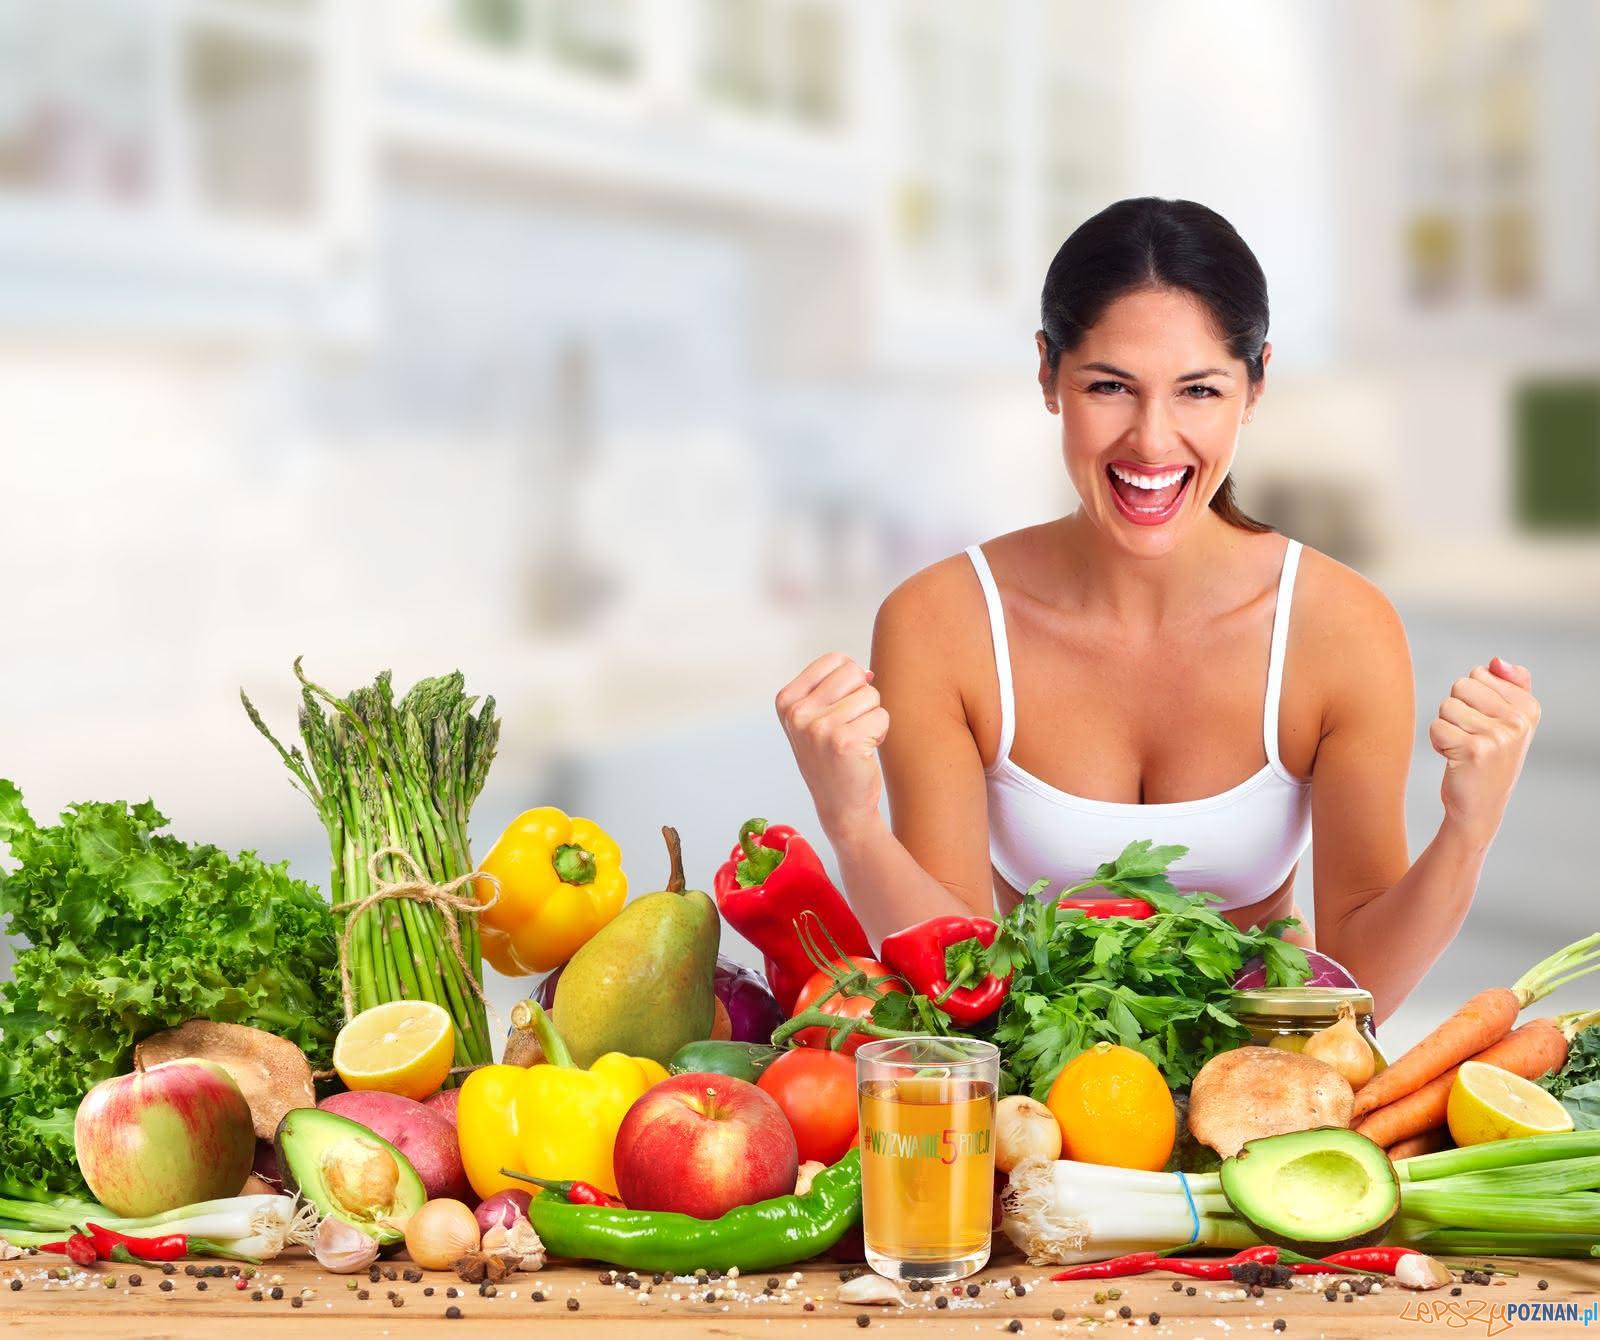 Dieta, warzywa - zdrowe odżywanie  Foto: ©Kurhan - stock.adobe.com